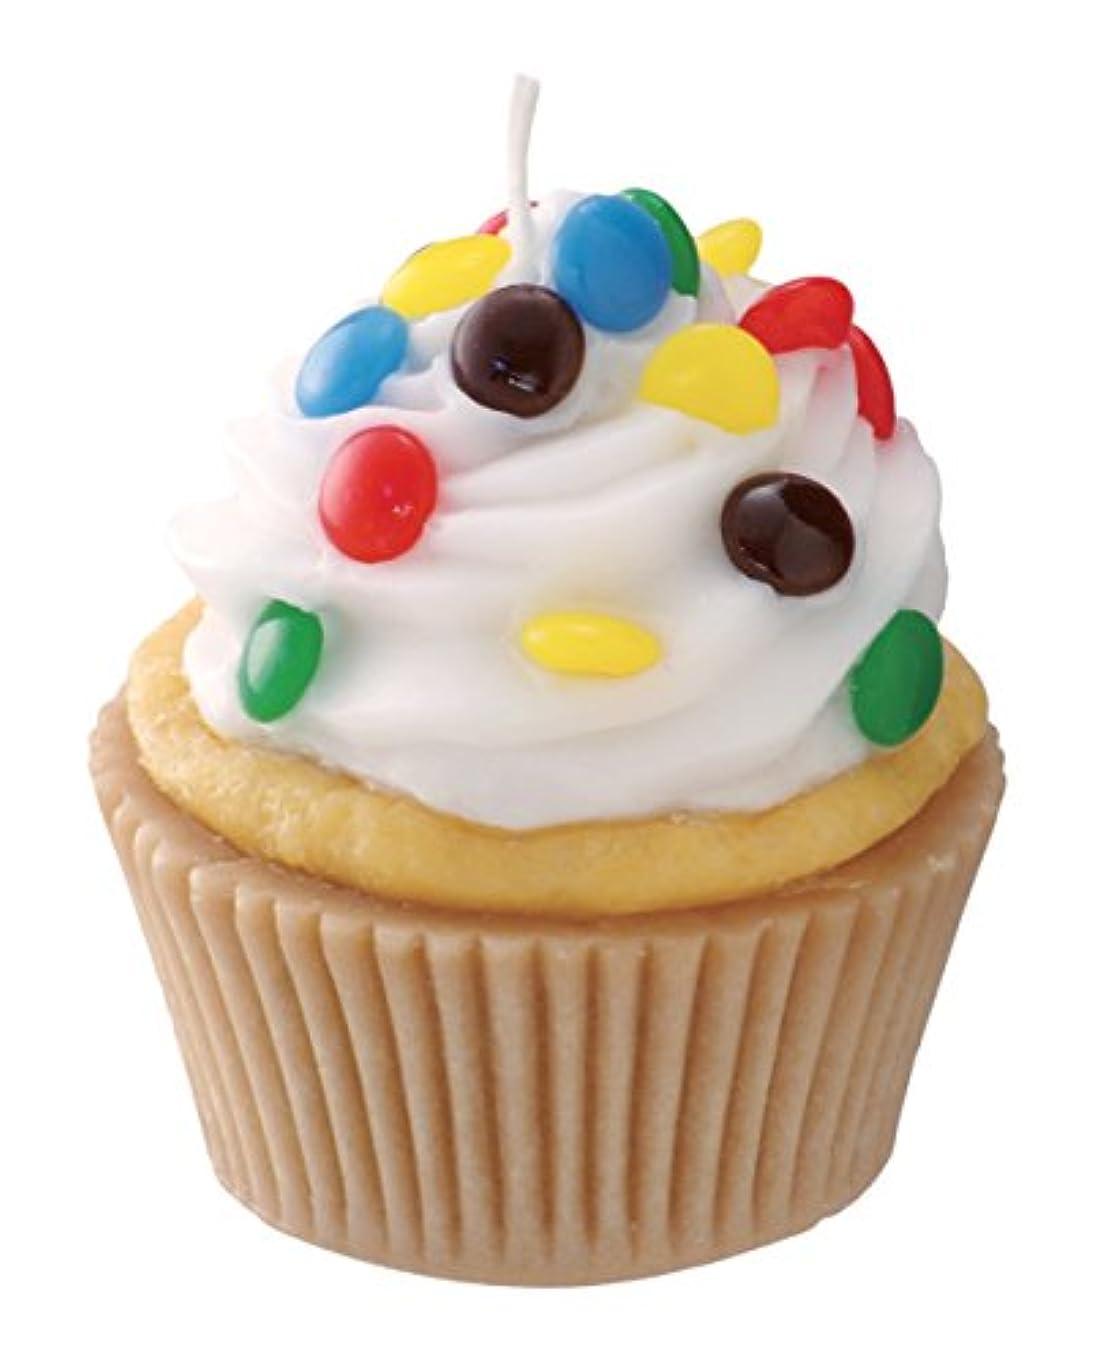 切り離すバー隠すカメヤマキャンドルハウス 本物そっくり! アメリカンカップケーキキャンドル ホワイトクリーム チョコレートの香り